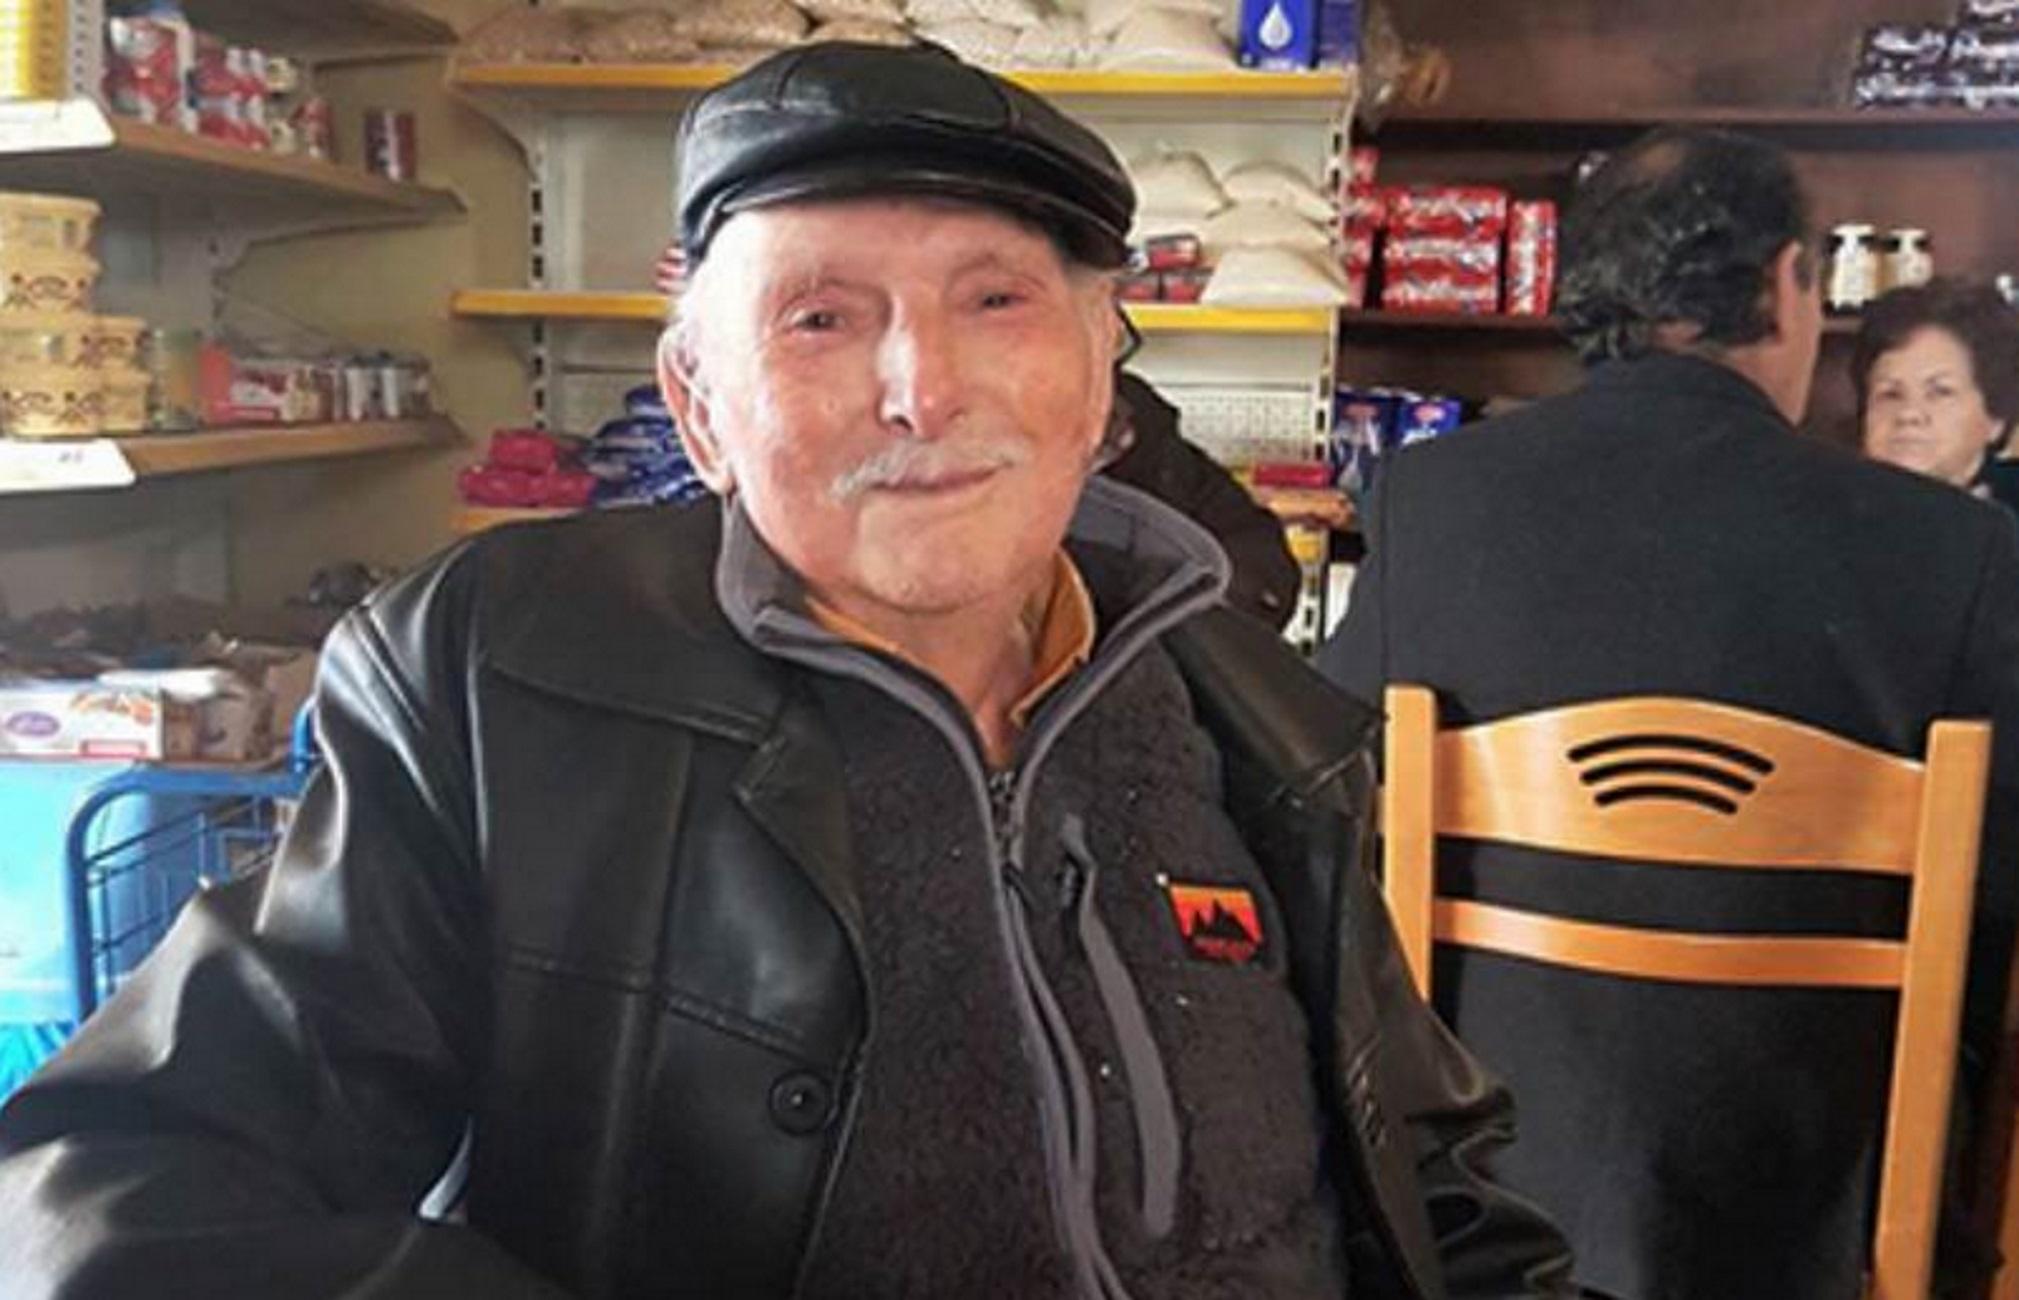 Κρήτη: Έκλεισε τα 100 και αποφάσισε να αποκαλύψει το μυστικό της μακροζωίας του! Ο παππούς που εντυπωσιάζει [pic]